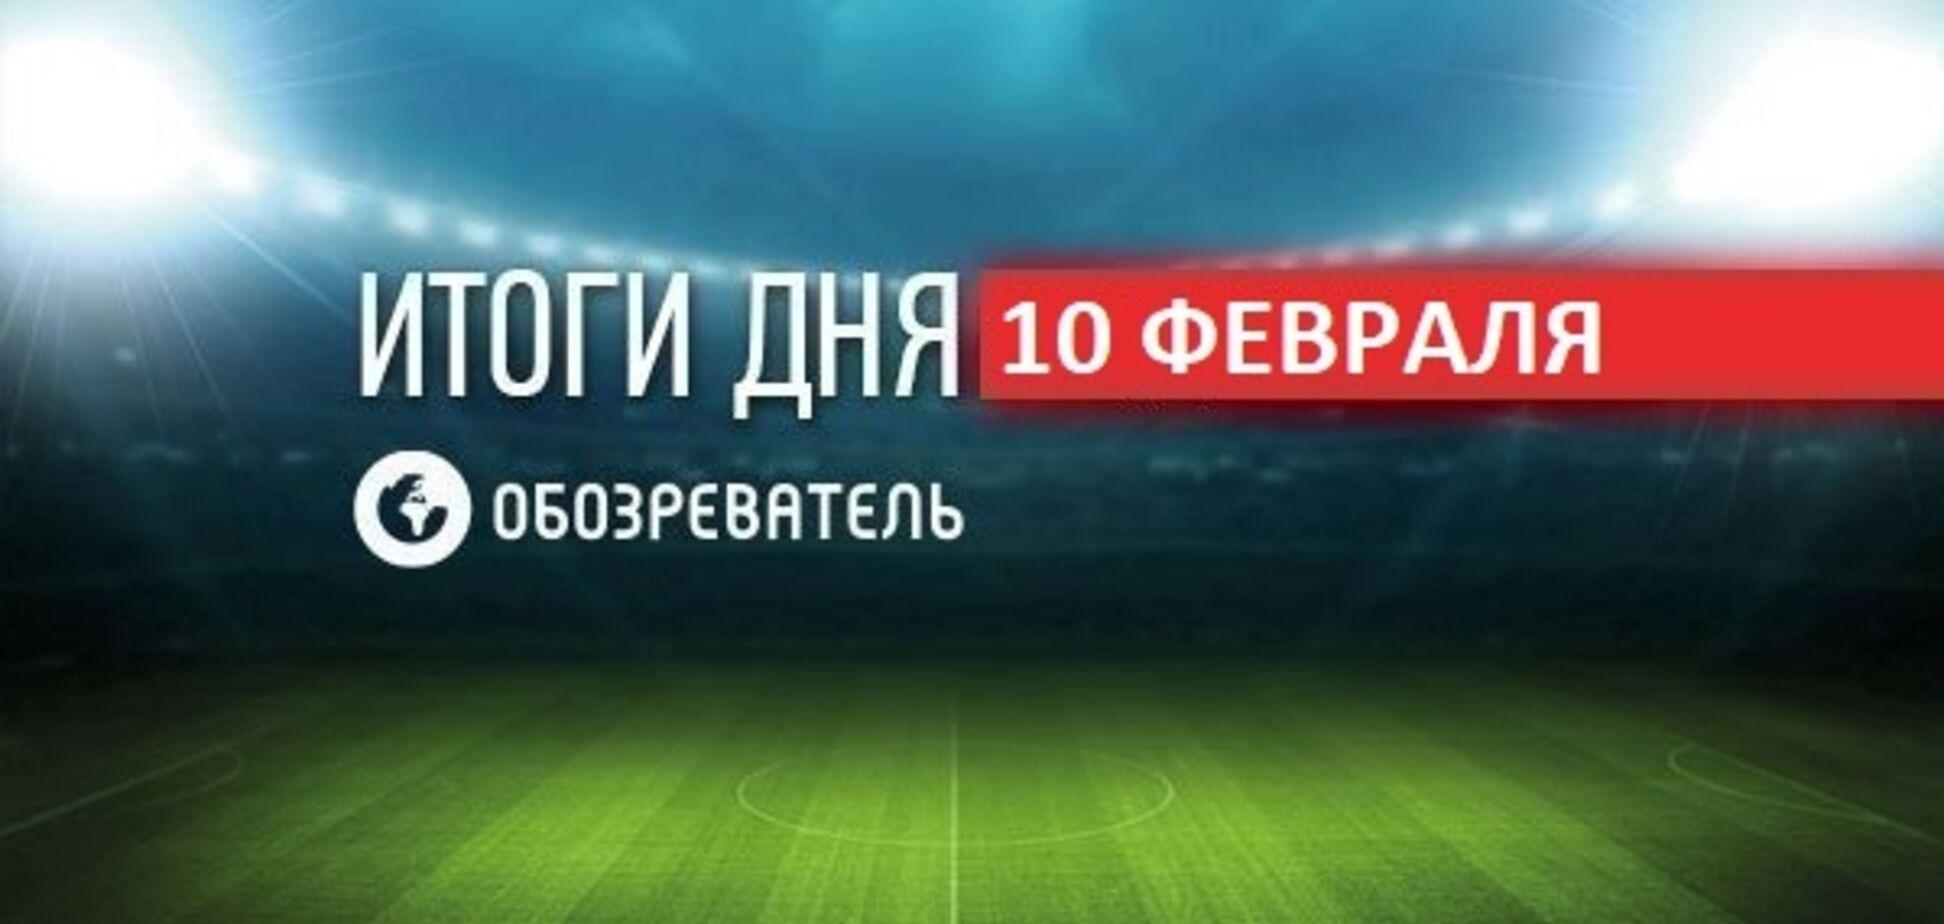 'Король футболу' Пеле у важкому стані: спортивні підсумки 10 лютого